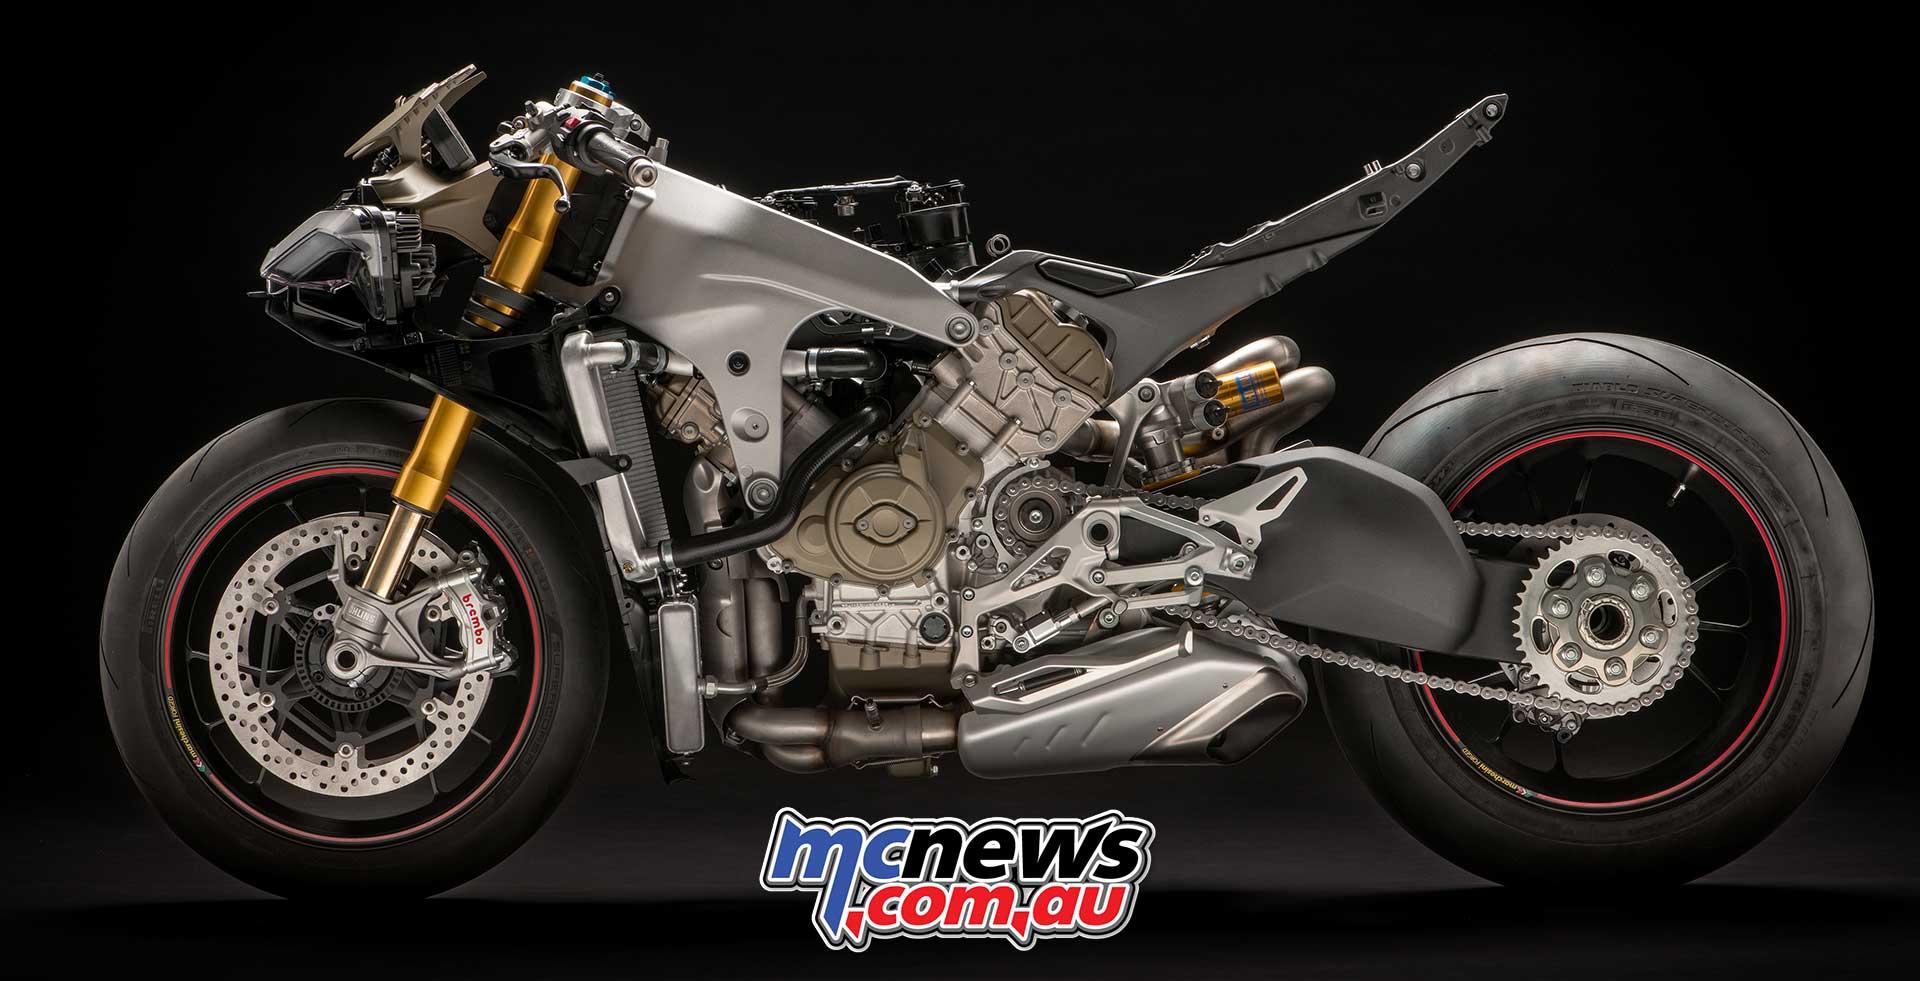 Ducati Panigale V4 | V4 S | Panigale V4 Speciale | MCNews.com.au